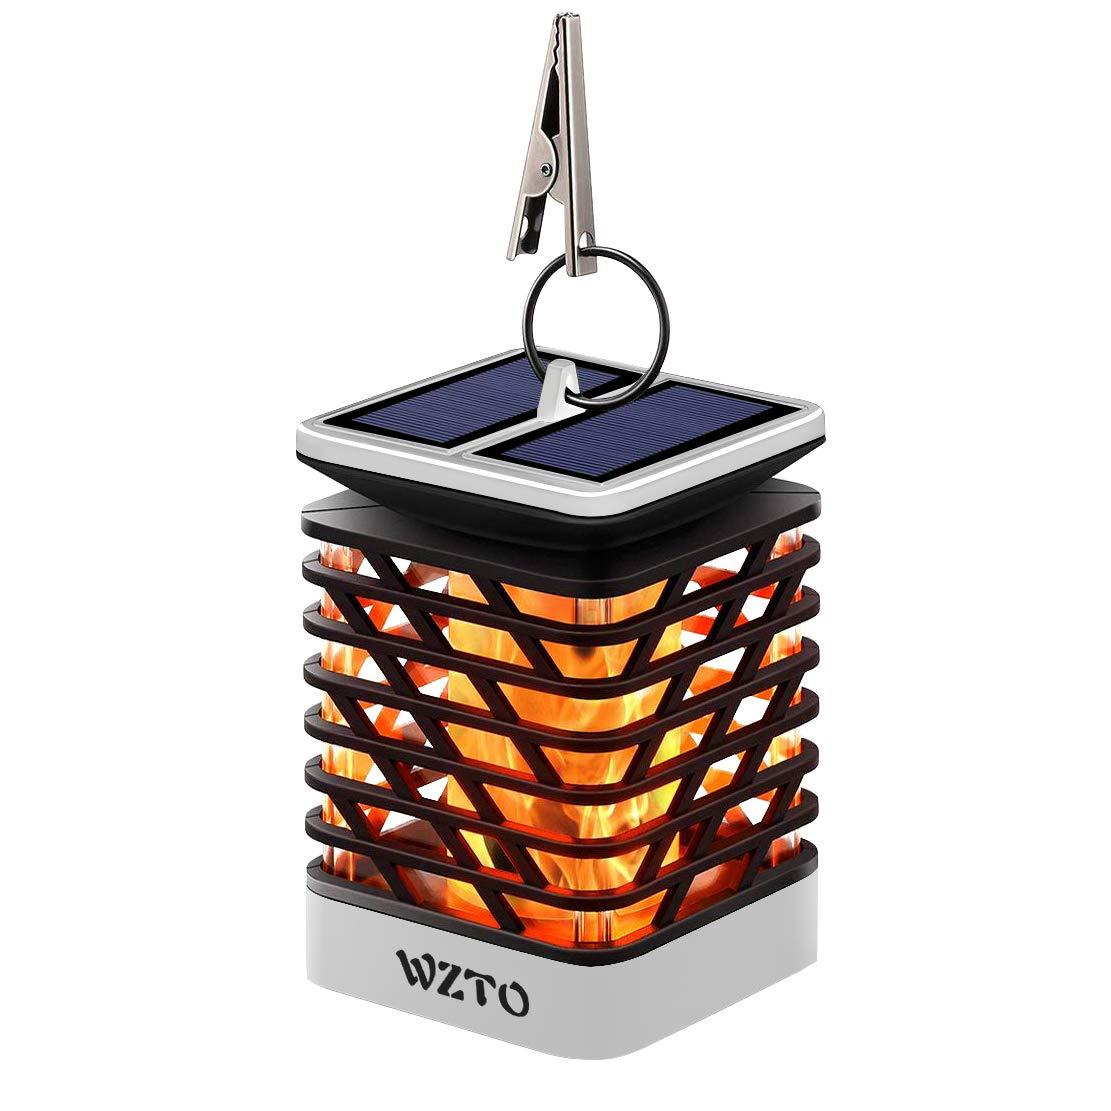 Llama Solar Luces WZTO Lámpara de Fuego Solar 75 LED IP55 Impermeable Apagar y Encender Automáticamente Lámparas Colgantes Luces para Camping, Jardín, ...